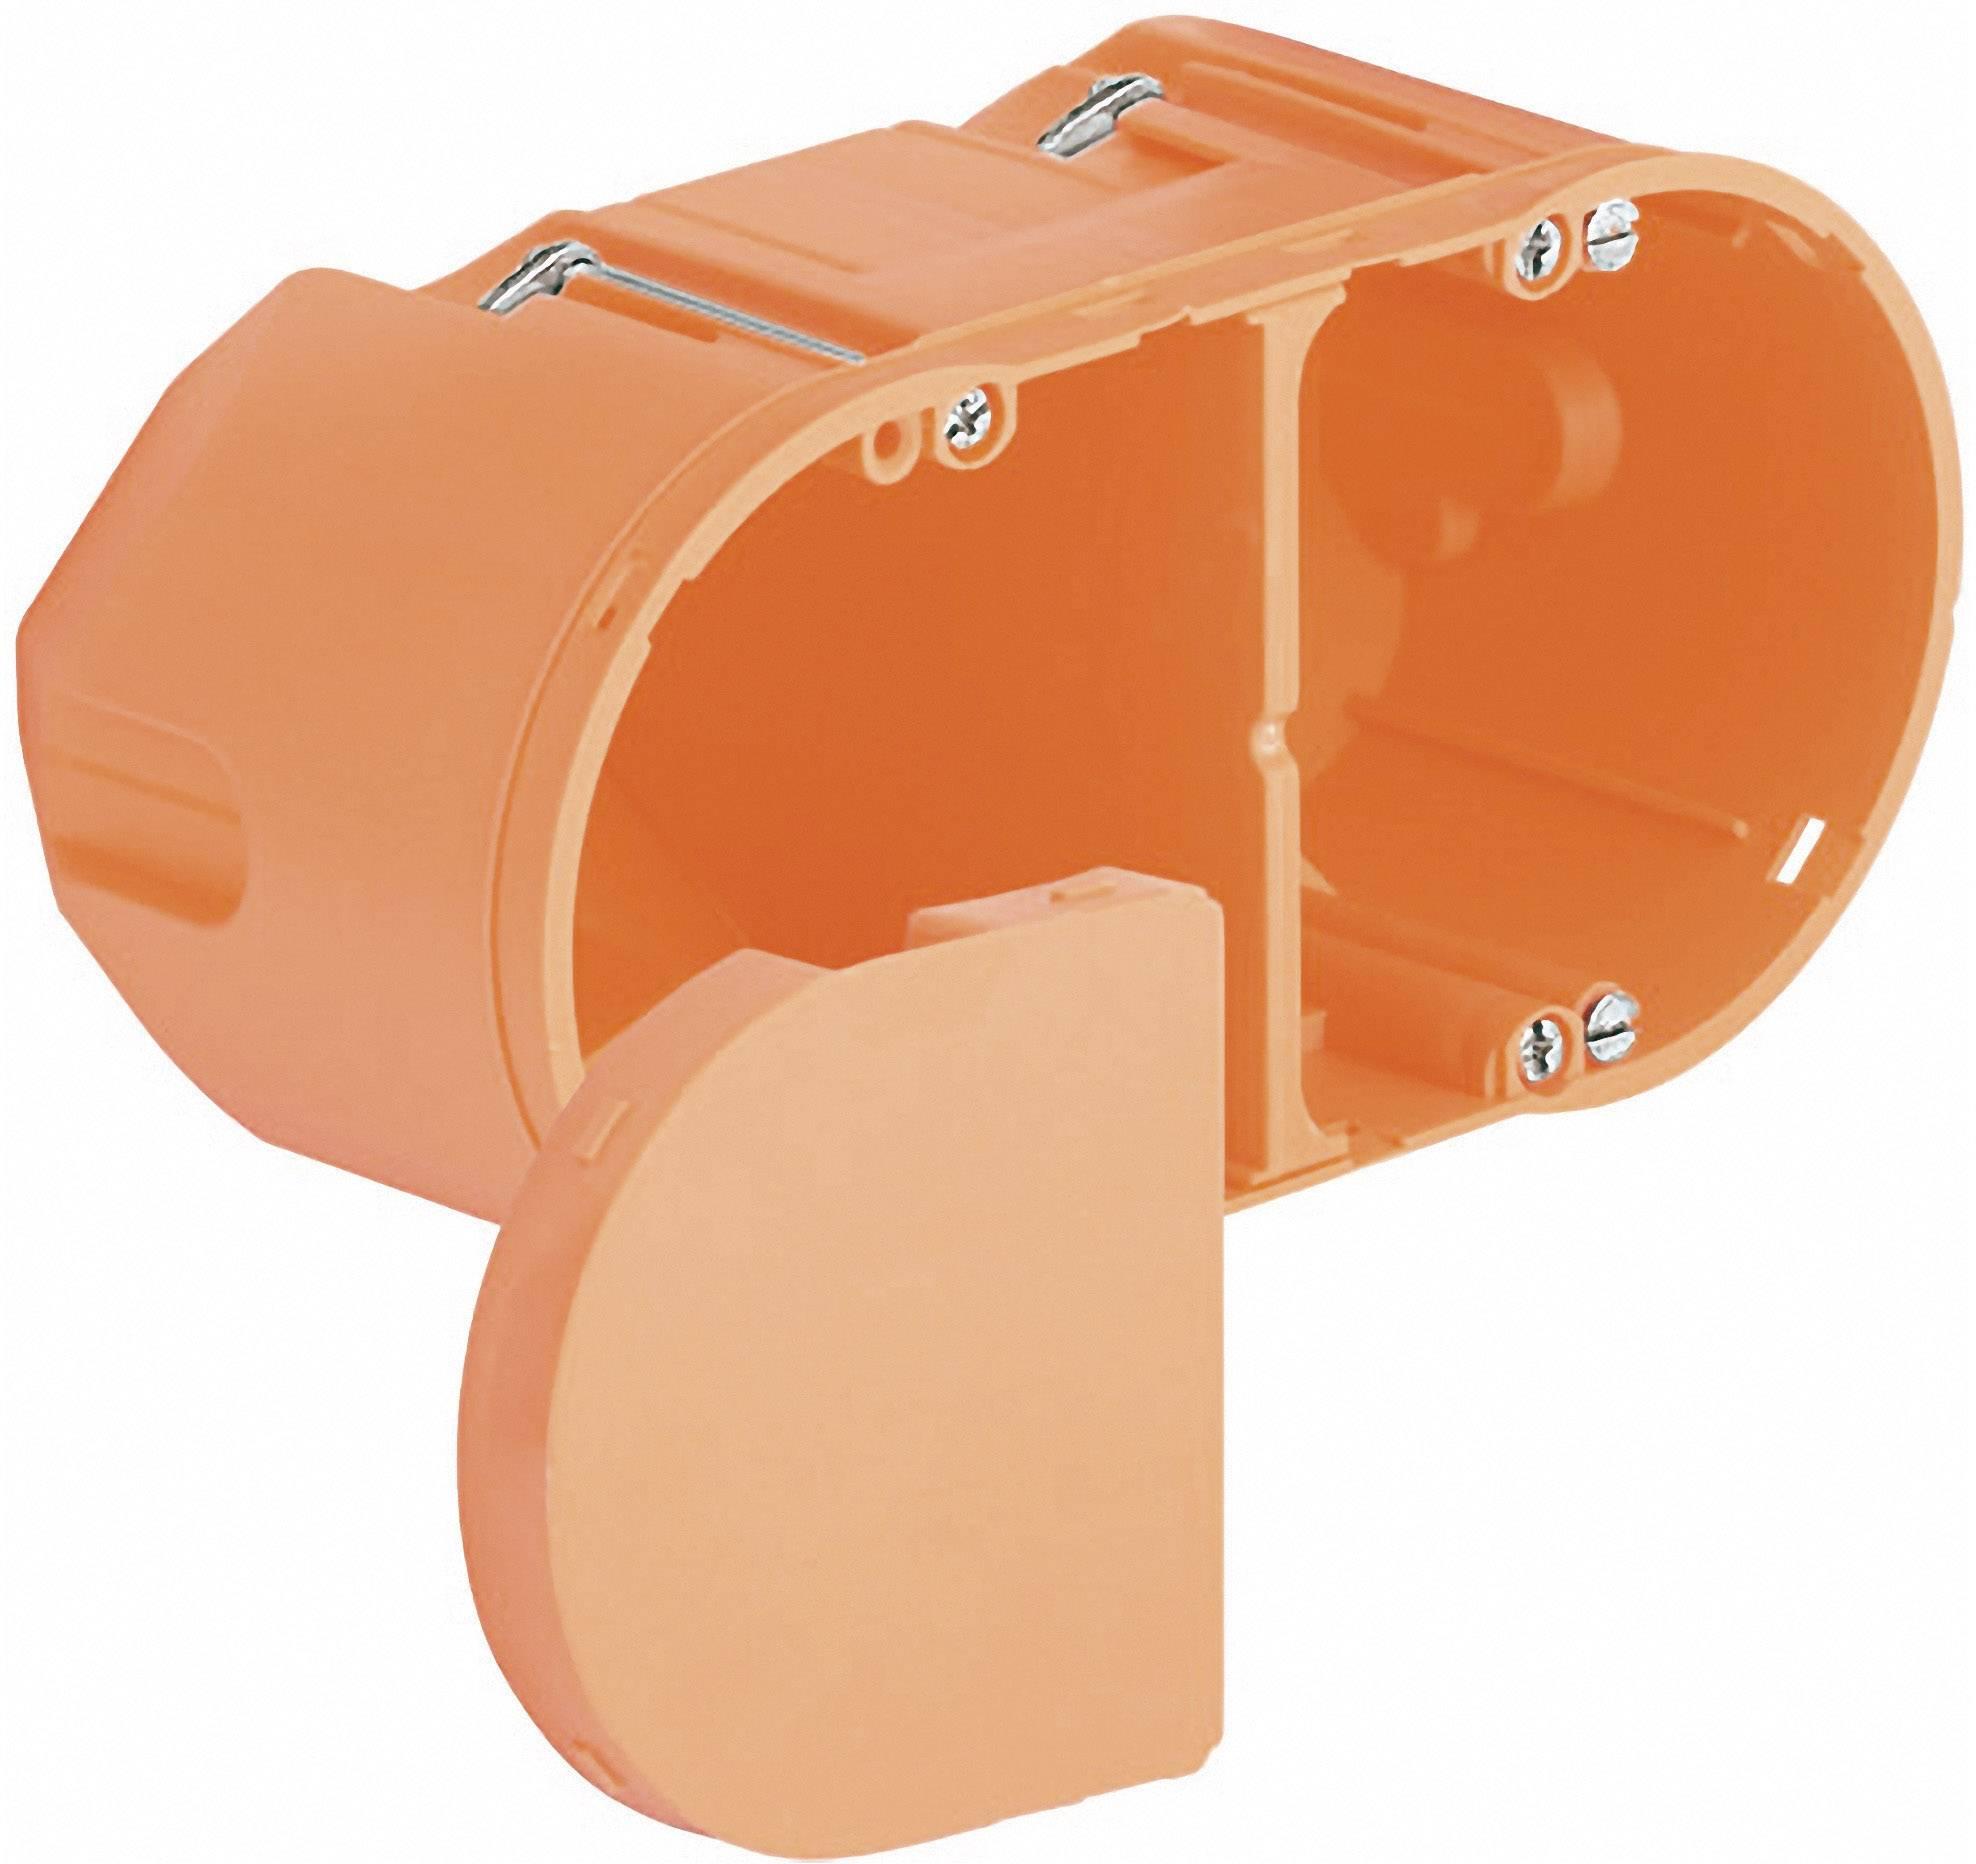 Inštalačná dvojkomorová krabica pre zásuvku do dutých stien Kaiser Elektro 9062-94, hĺbka 75 mm, oranžová